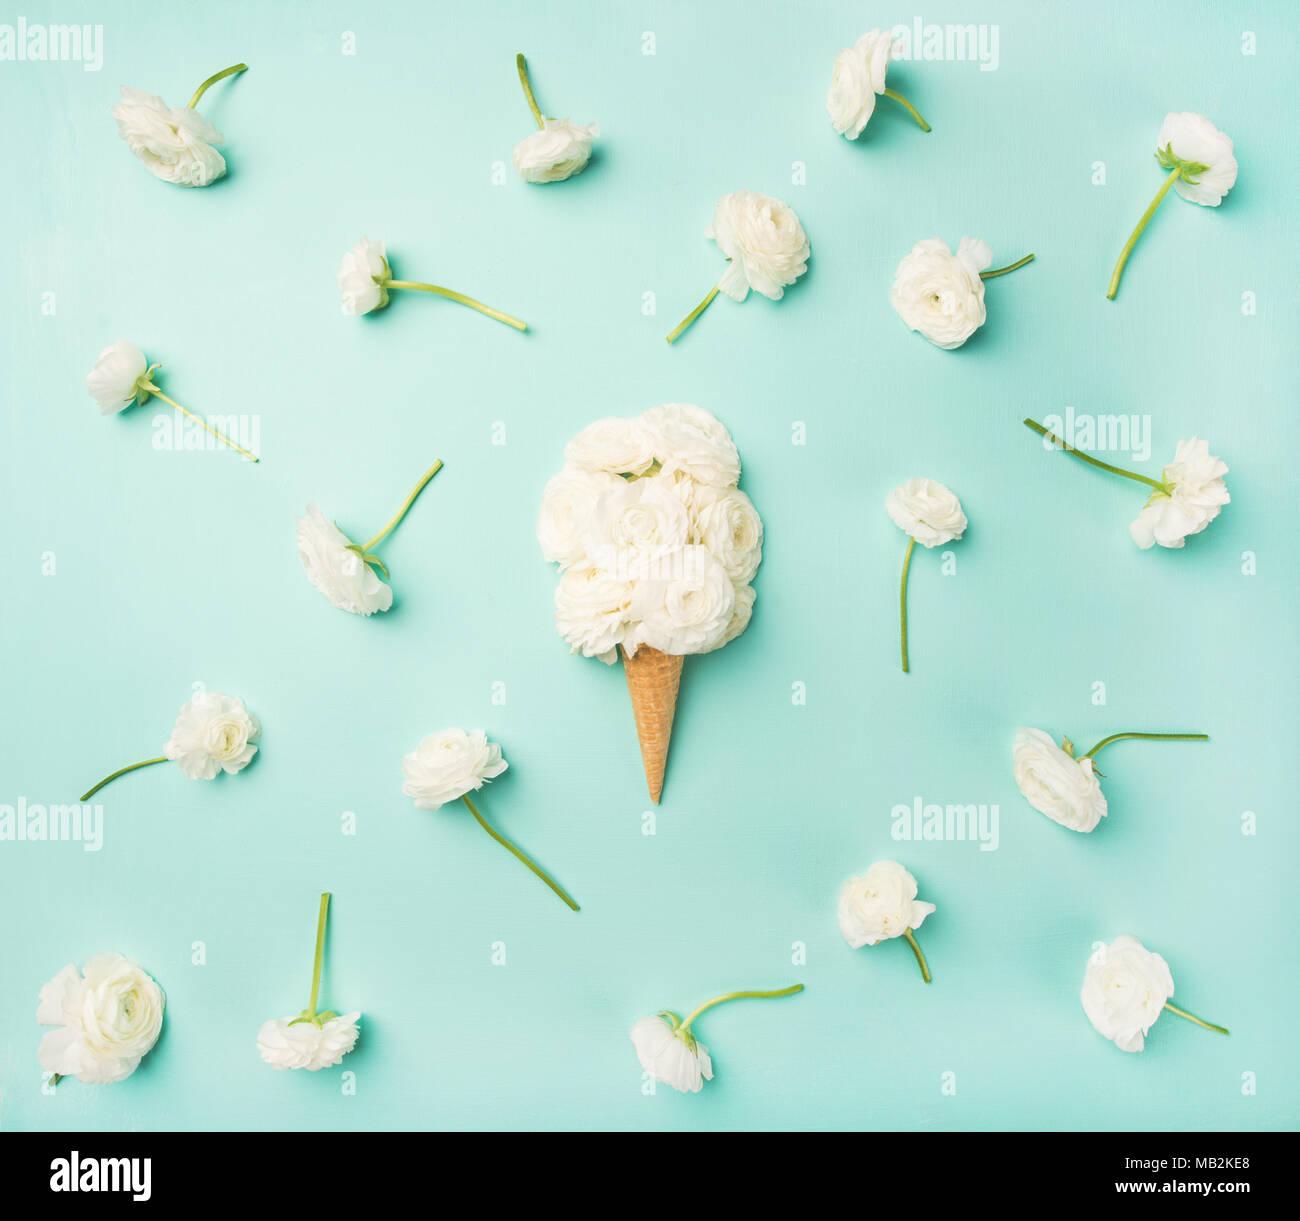 Cono de waffle con flores blancas sobre fondo azul buttercup Imagen De Stock